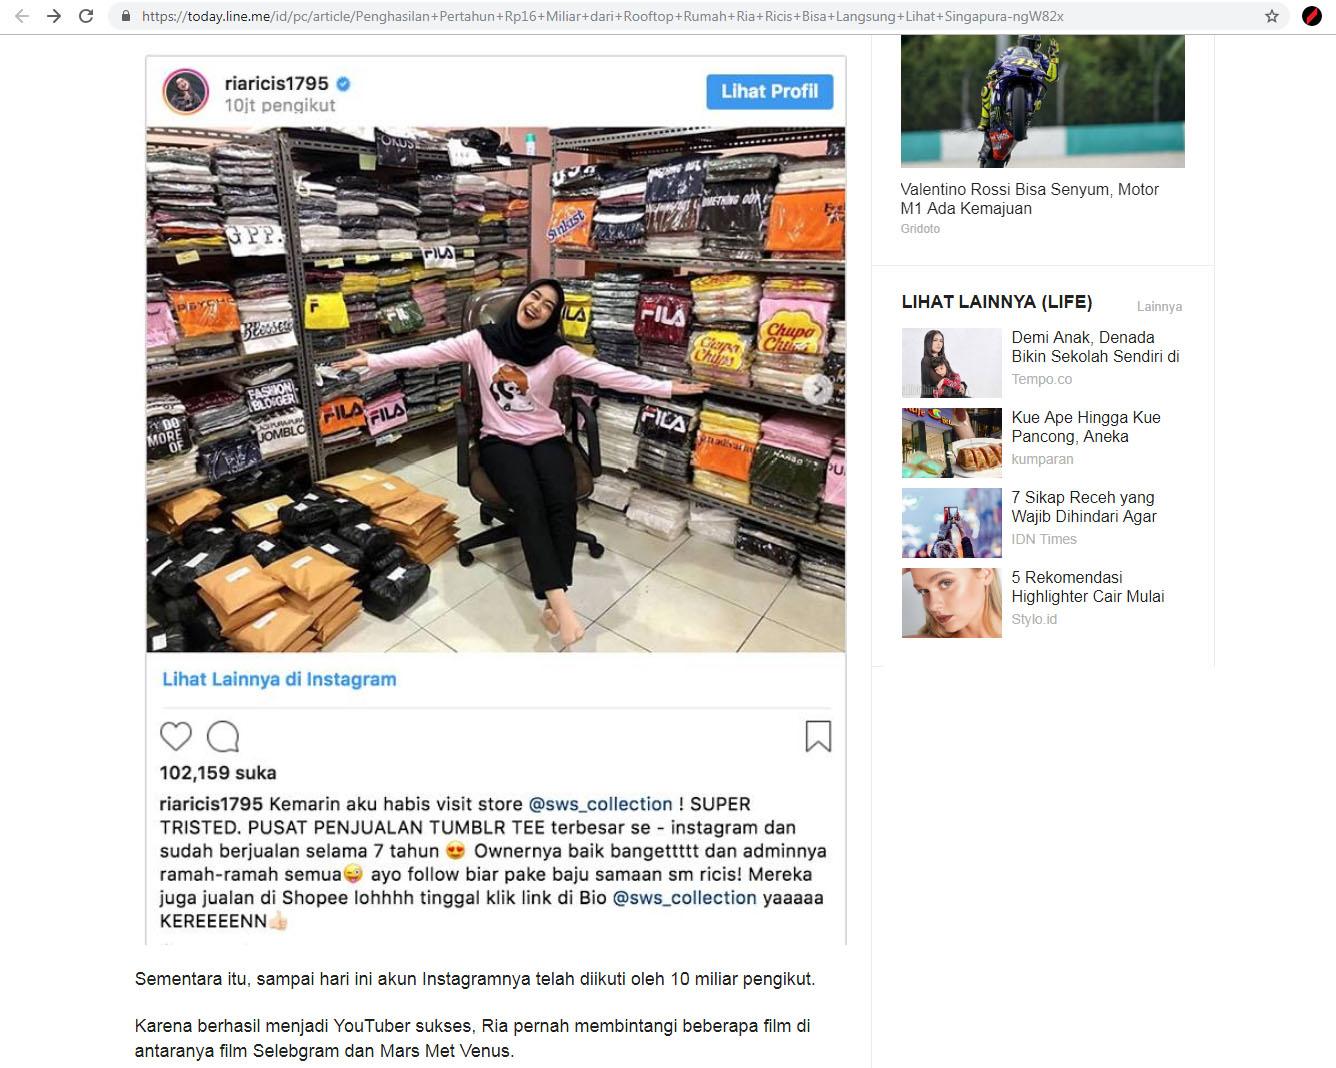 berita hiburan artis selebriti instagram selebgram youtuber penghasilan pendapatan berapa online media ria ricis kekayaan rumah penulis medsos media sosial endorse produk dari mana terkenal ngehits saat ini